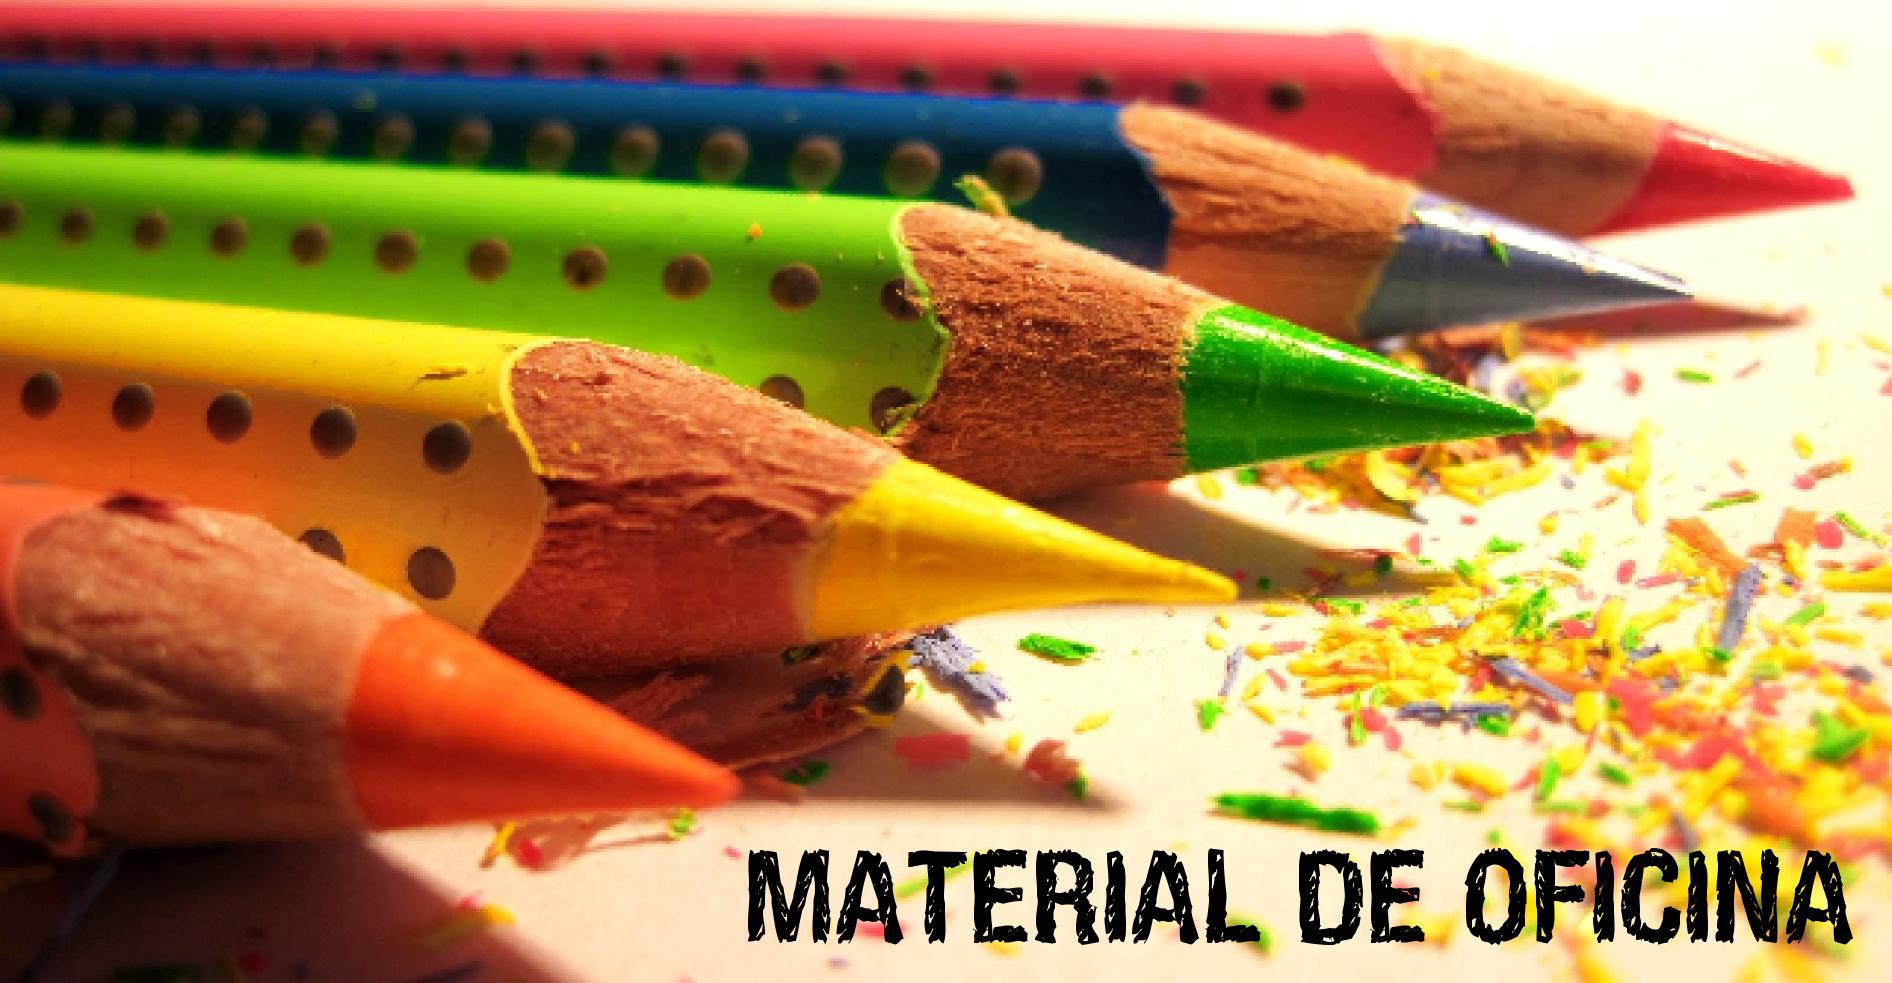 Todo material escolar y oficina en tu web - Material de oficina vigo ...